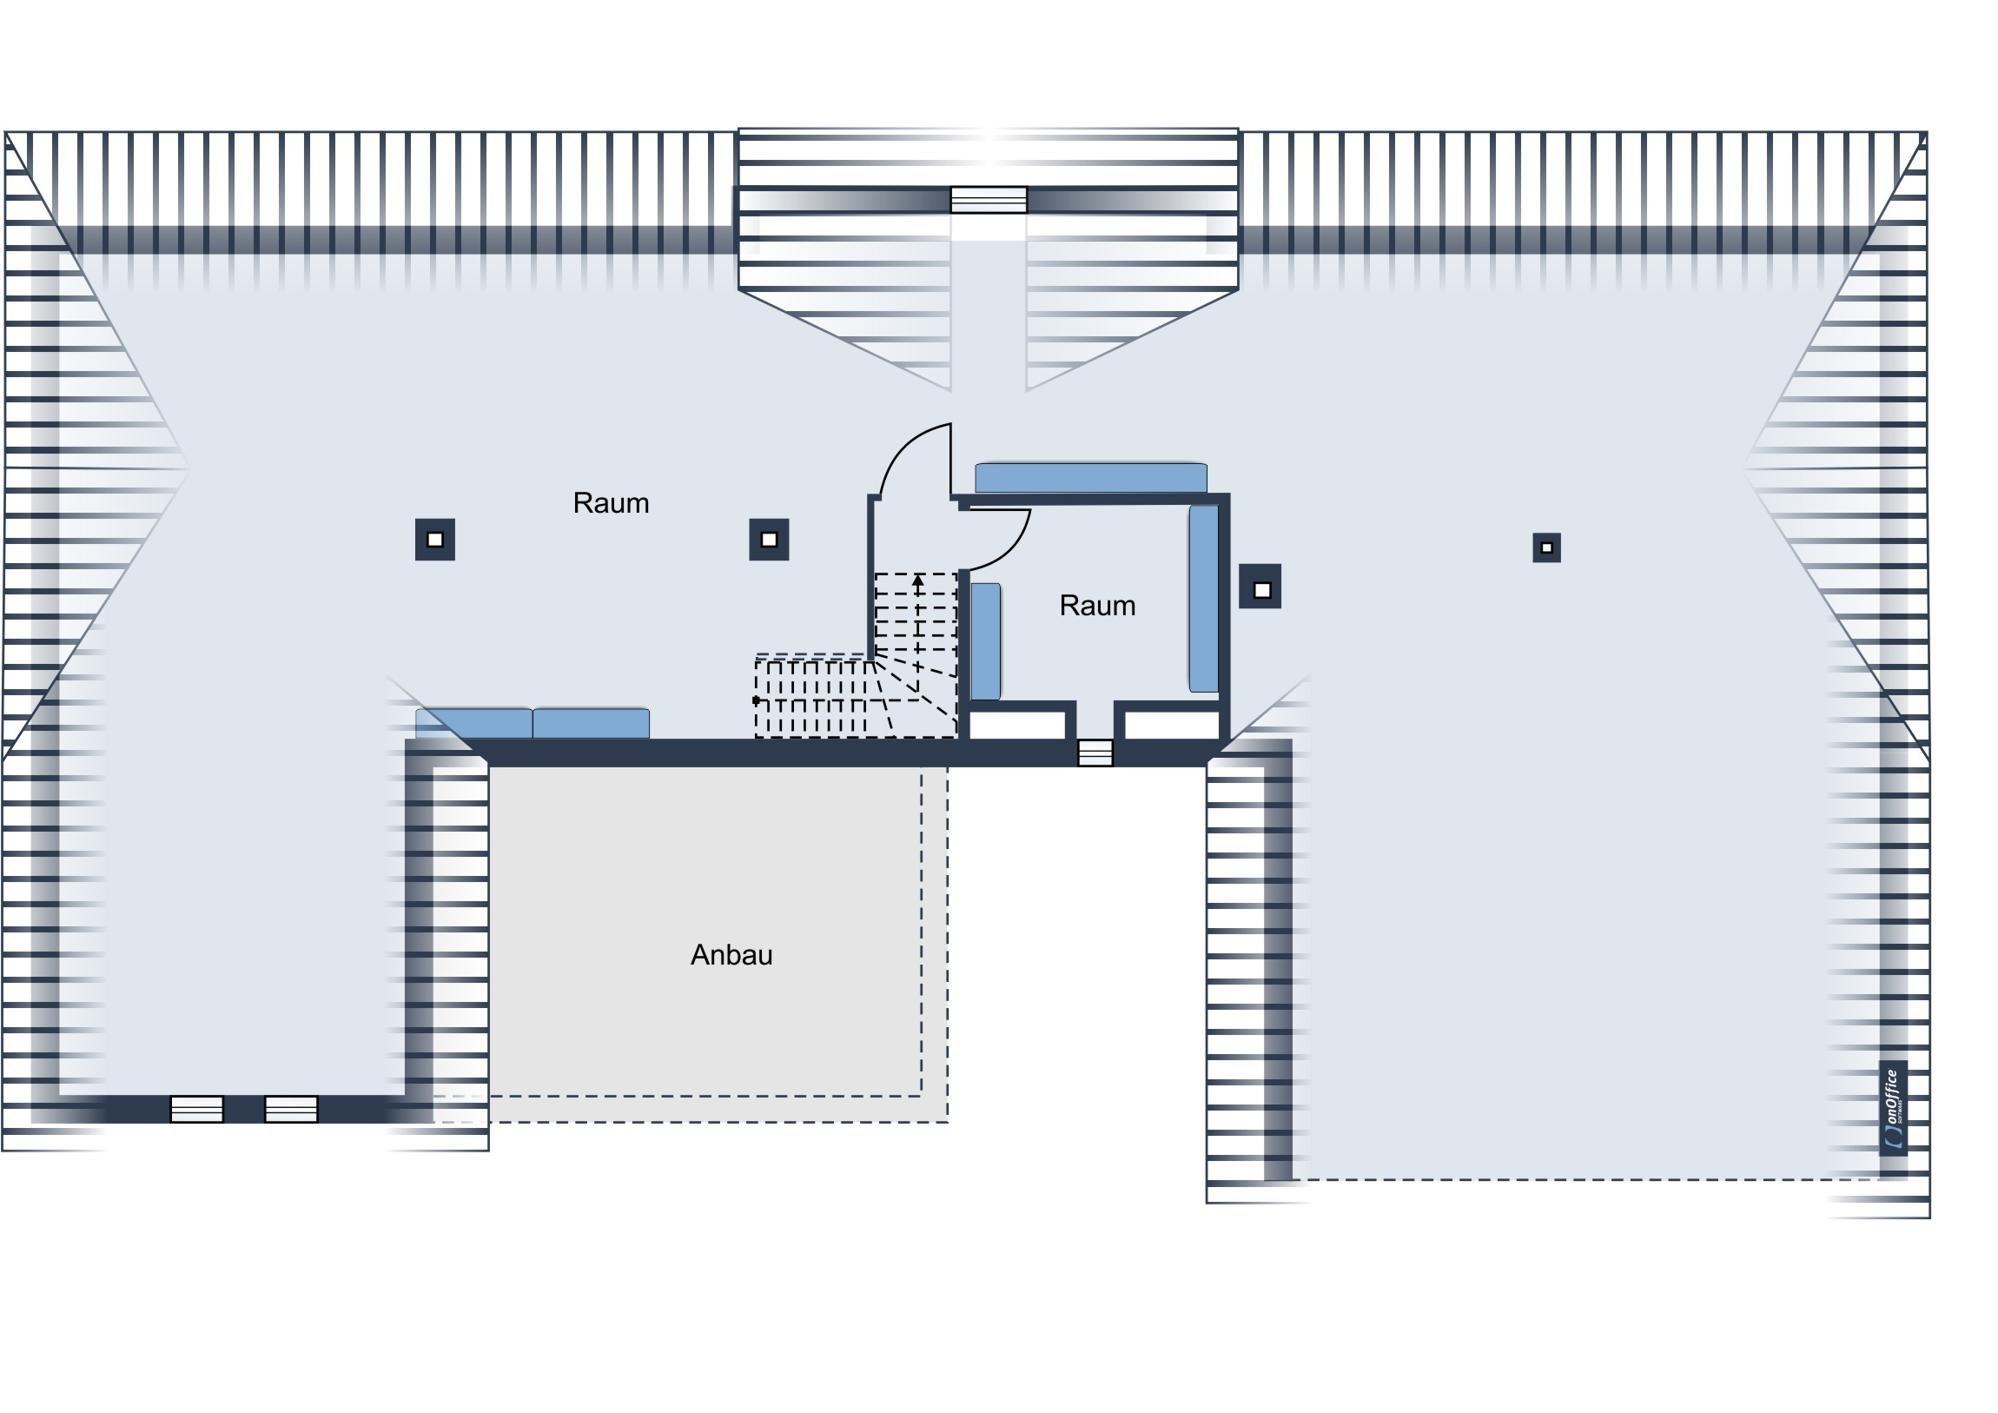 Dachgeschoss - Vorschlag